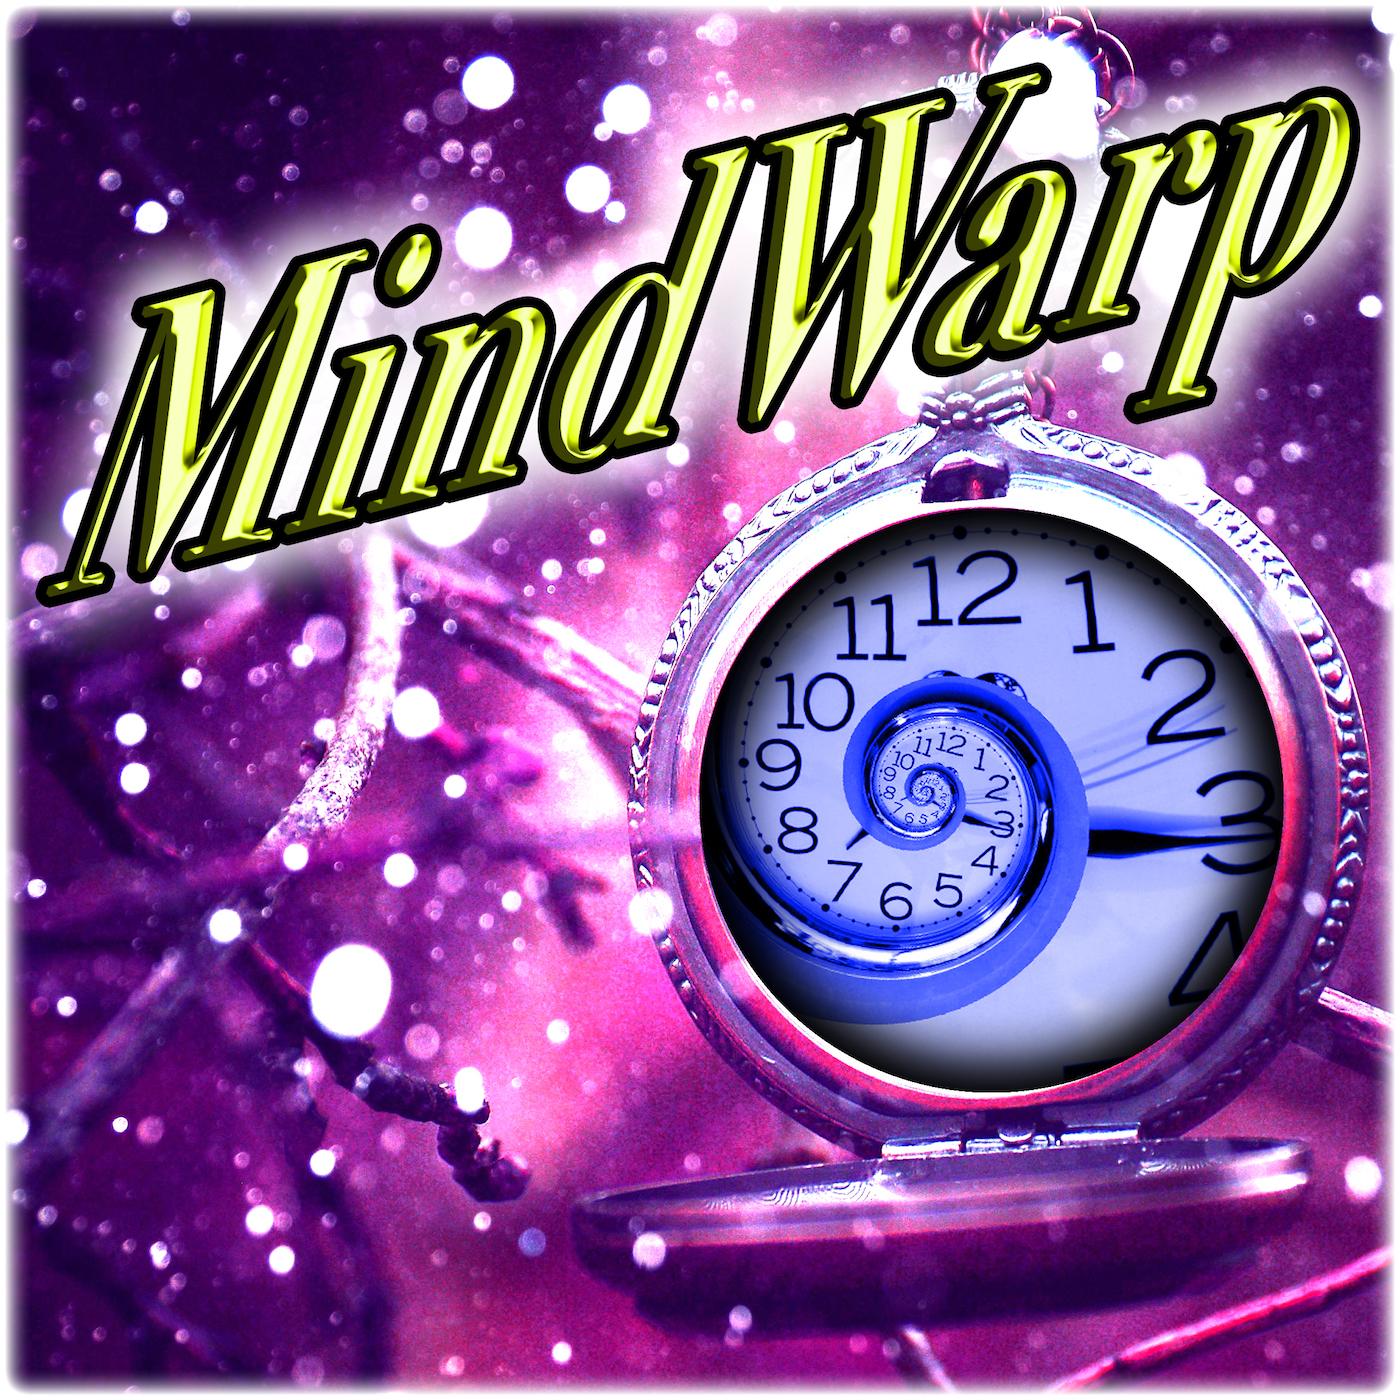 Mind Warp – An Inspirational Instant!